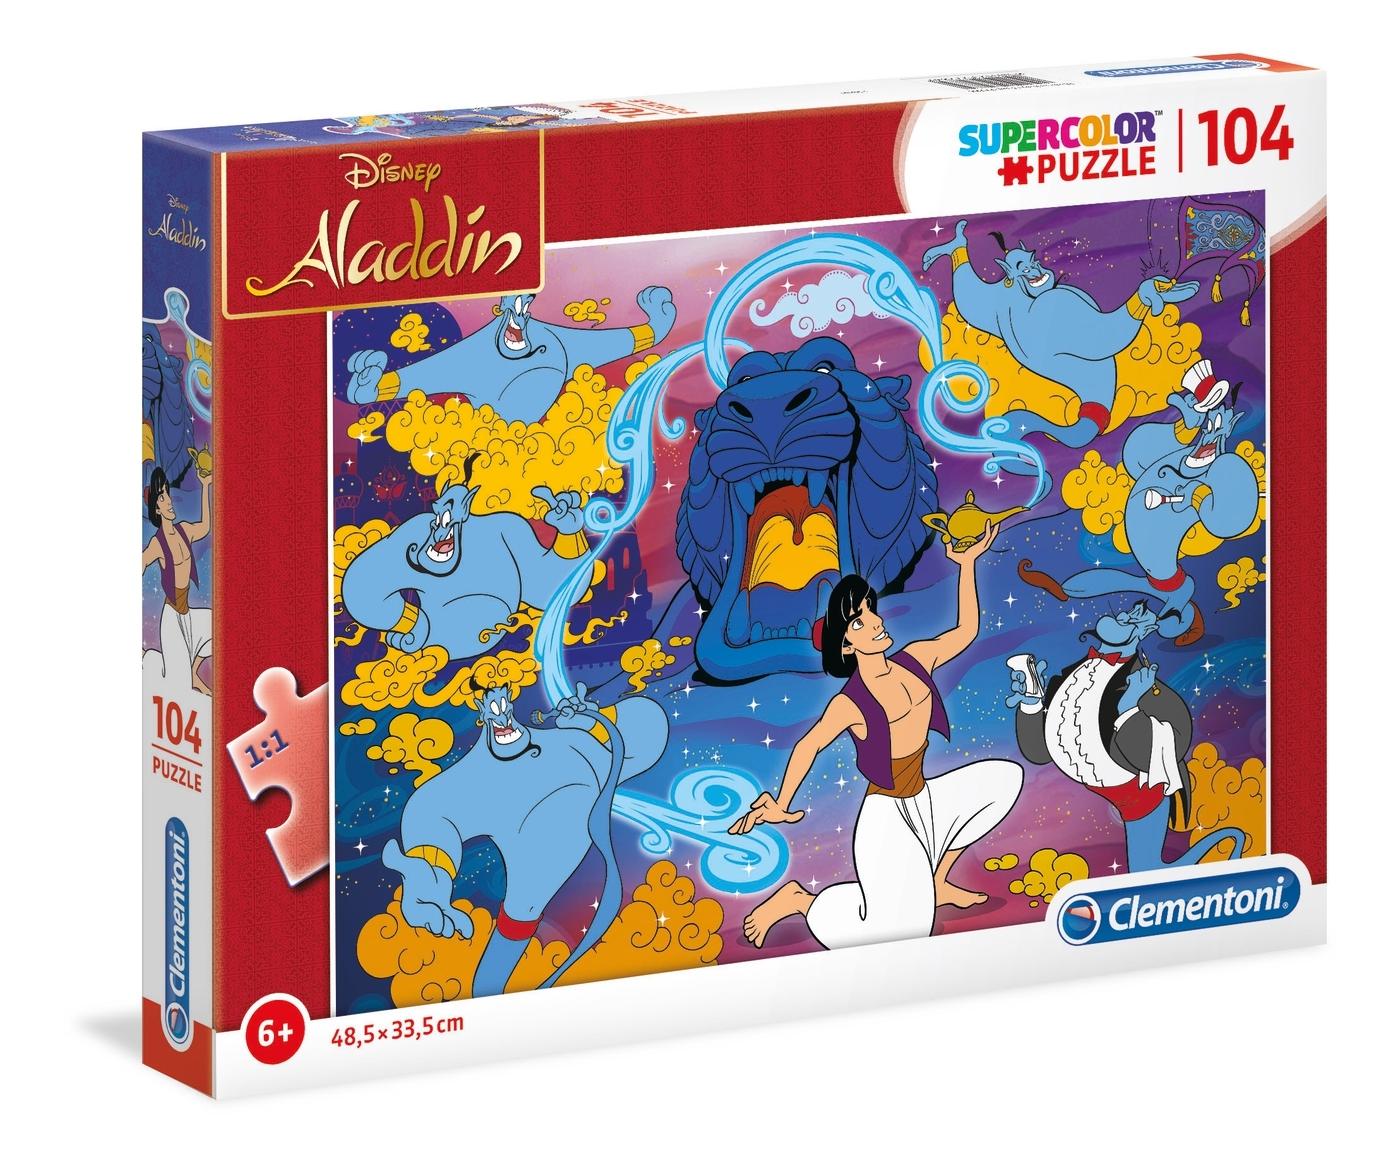 Puzzle SuperColor 104: Aladdin (27283)